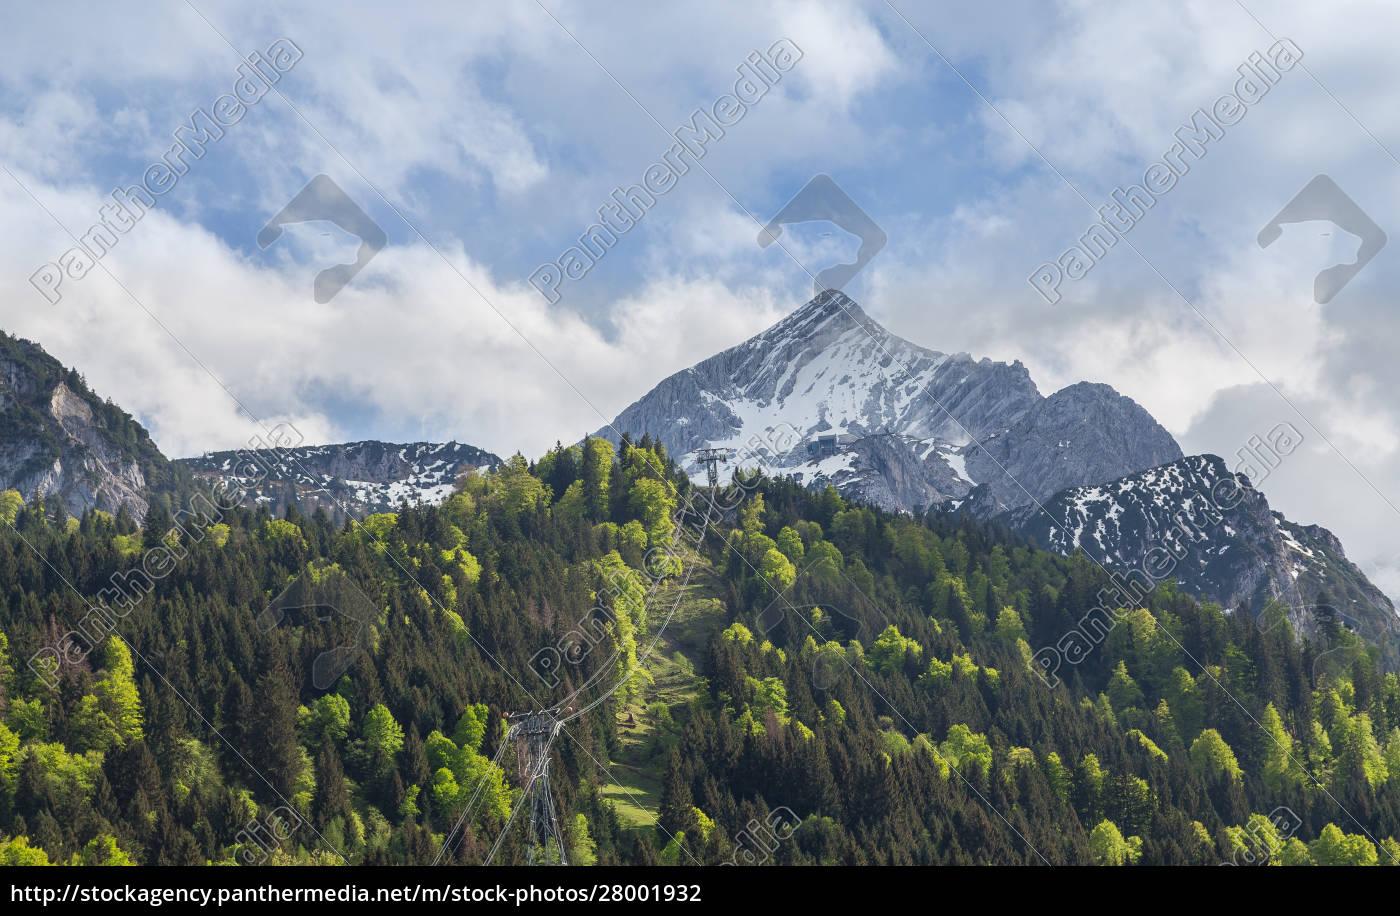 alpspitze, garmisch-partenkirchen, bavaria, germany - 28001932